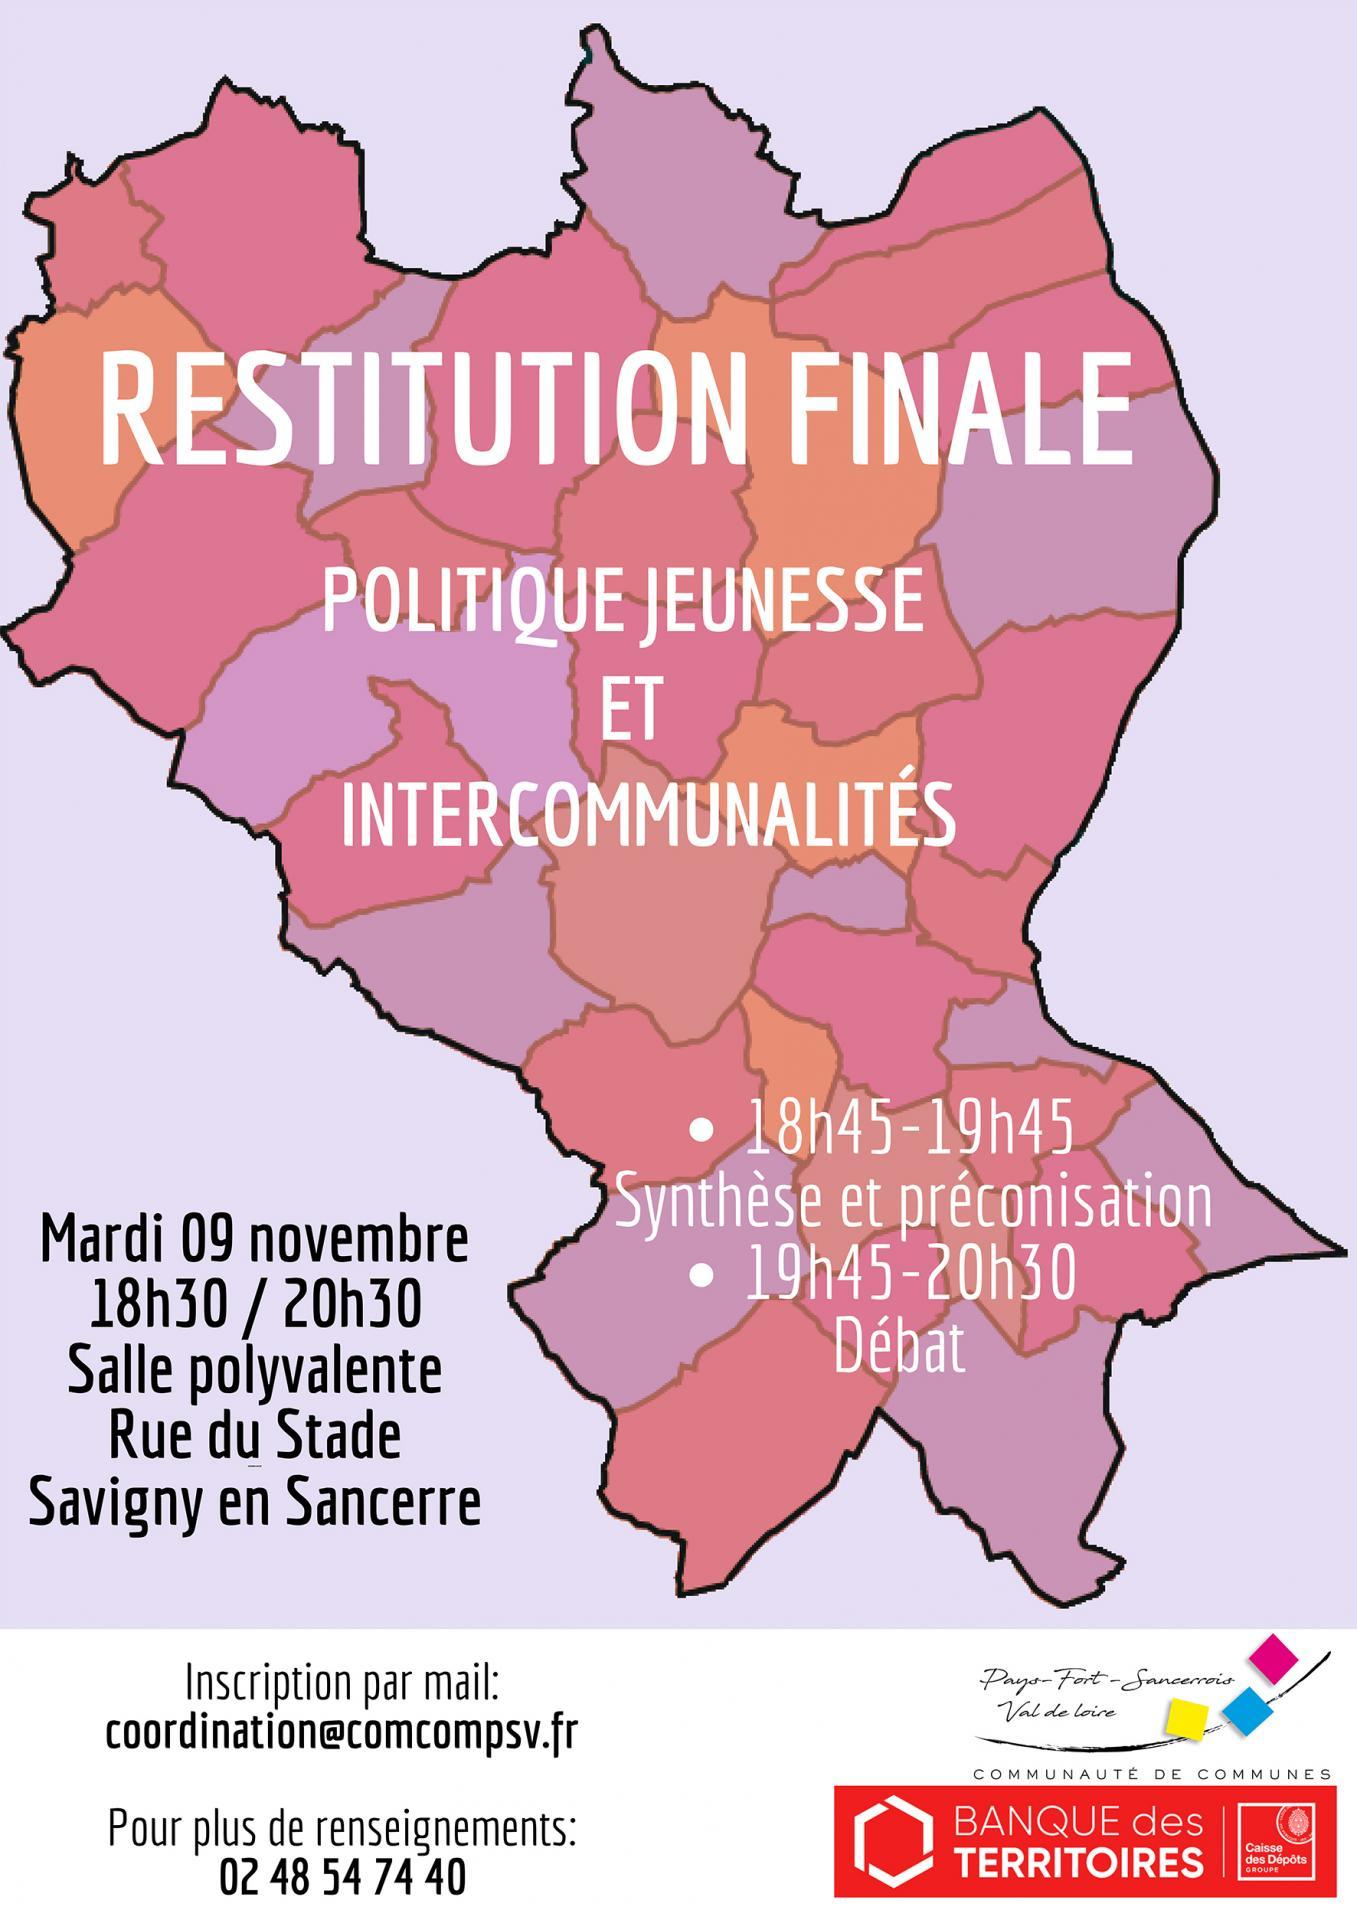 Affiche reunion publique restitution finale politique jeunesse et intercommunalite